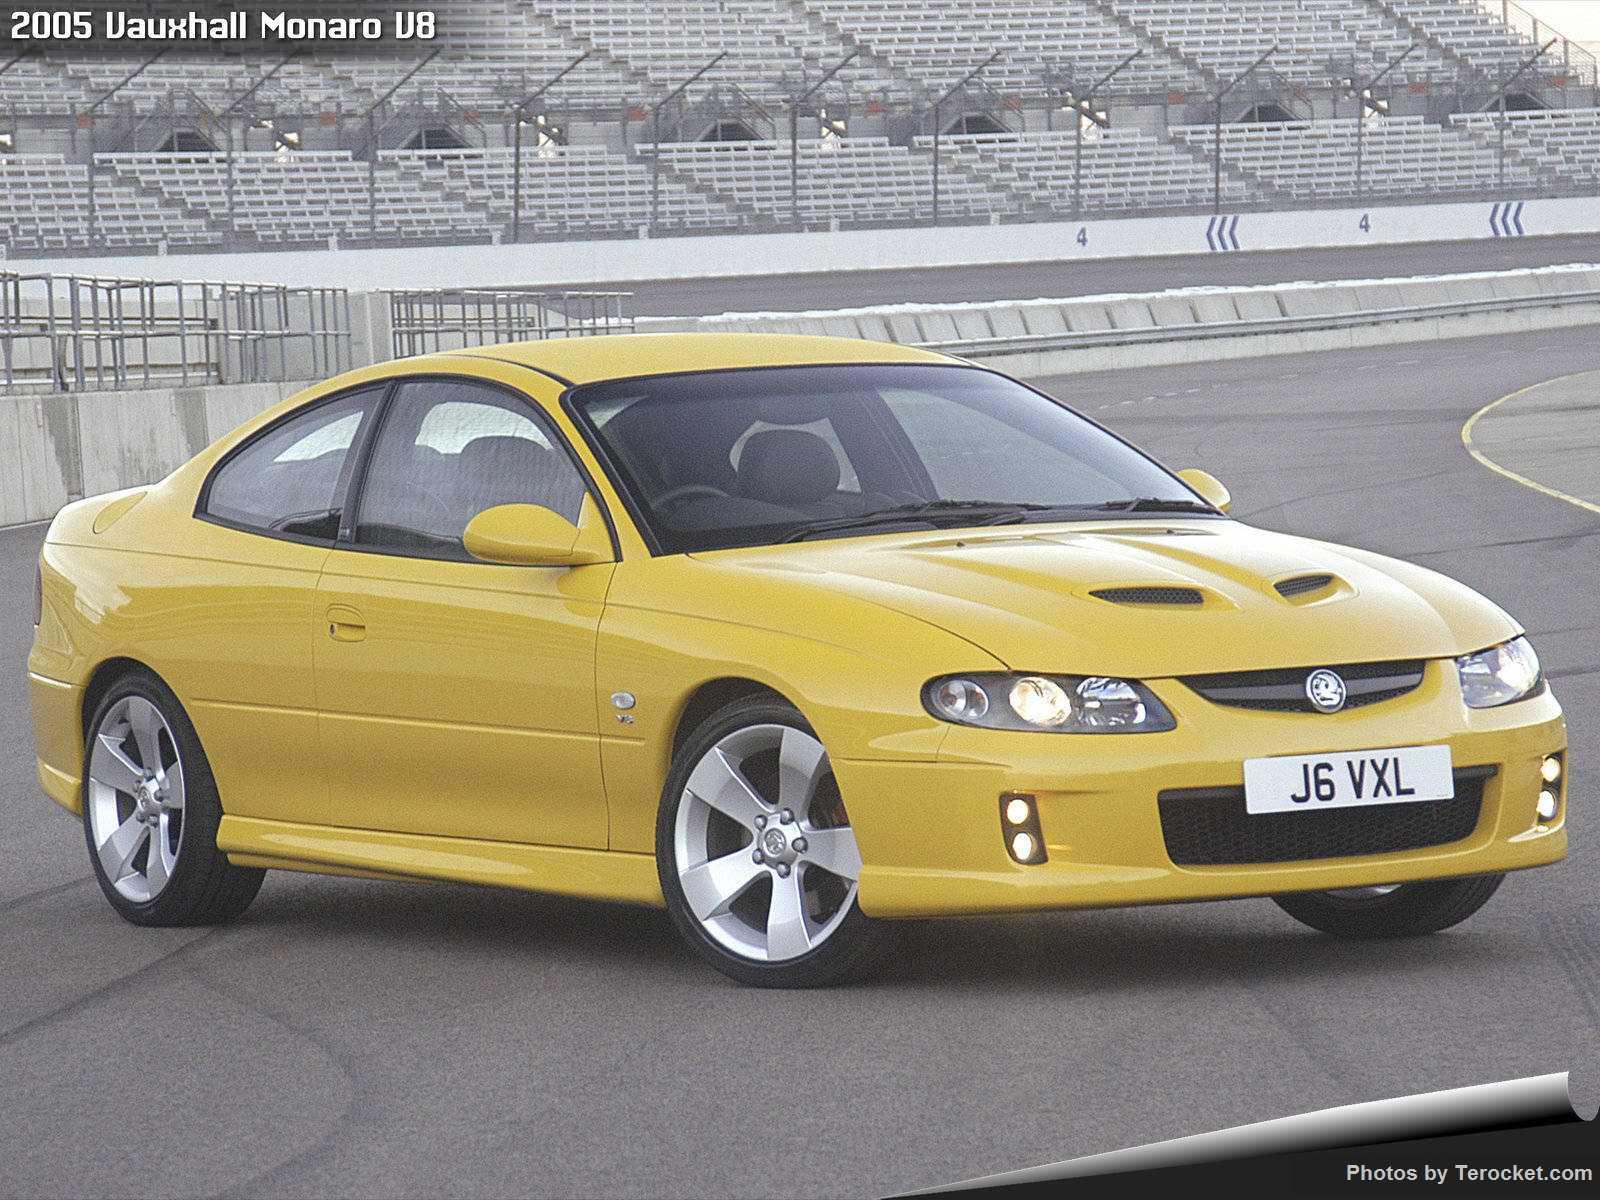 Hình ảnh xe ô tô Vauxhall Monaro V8 2005 & nội ngoại thất